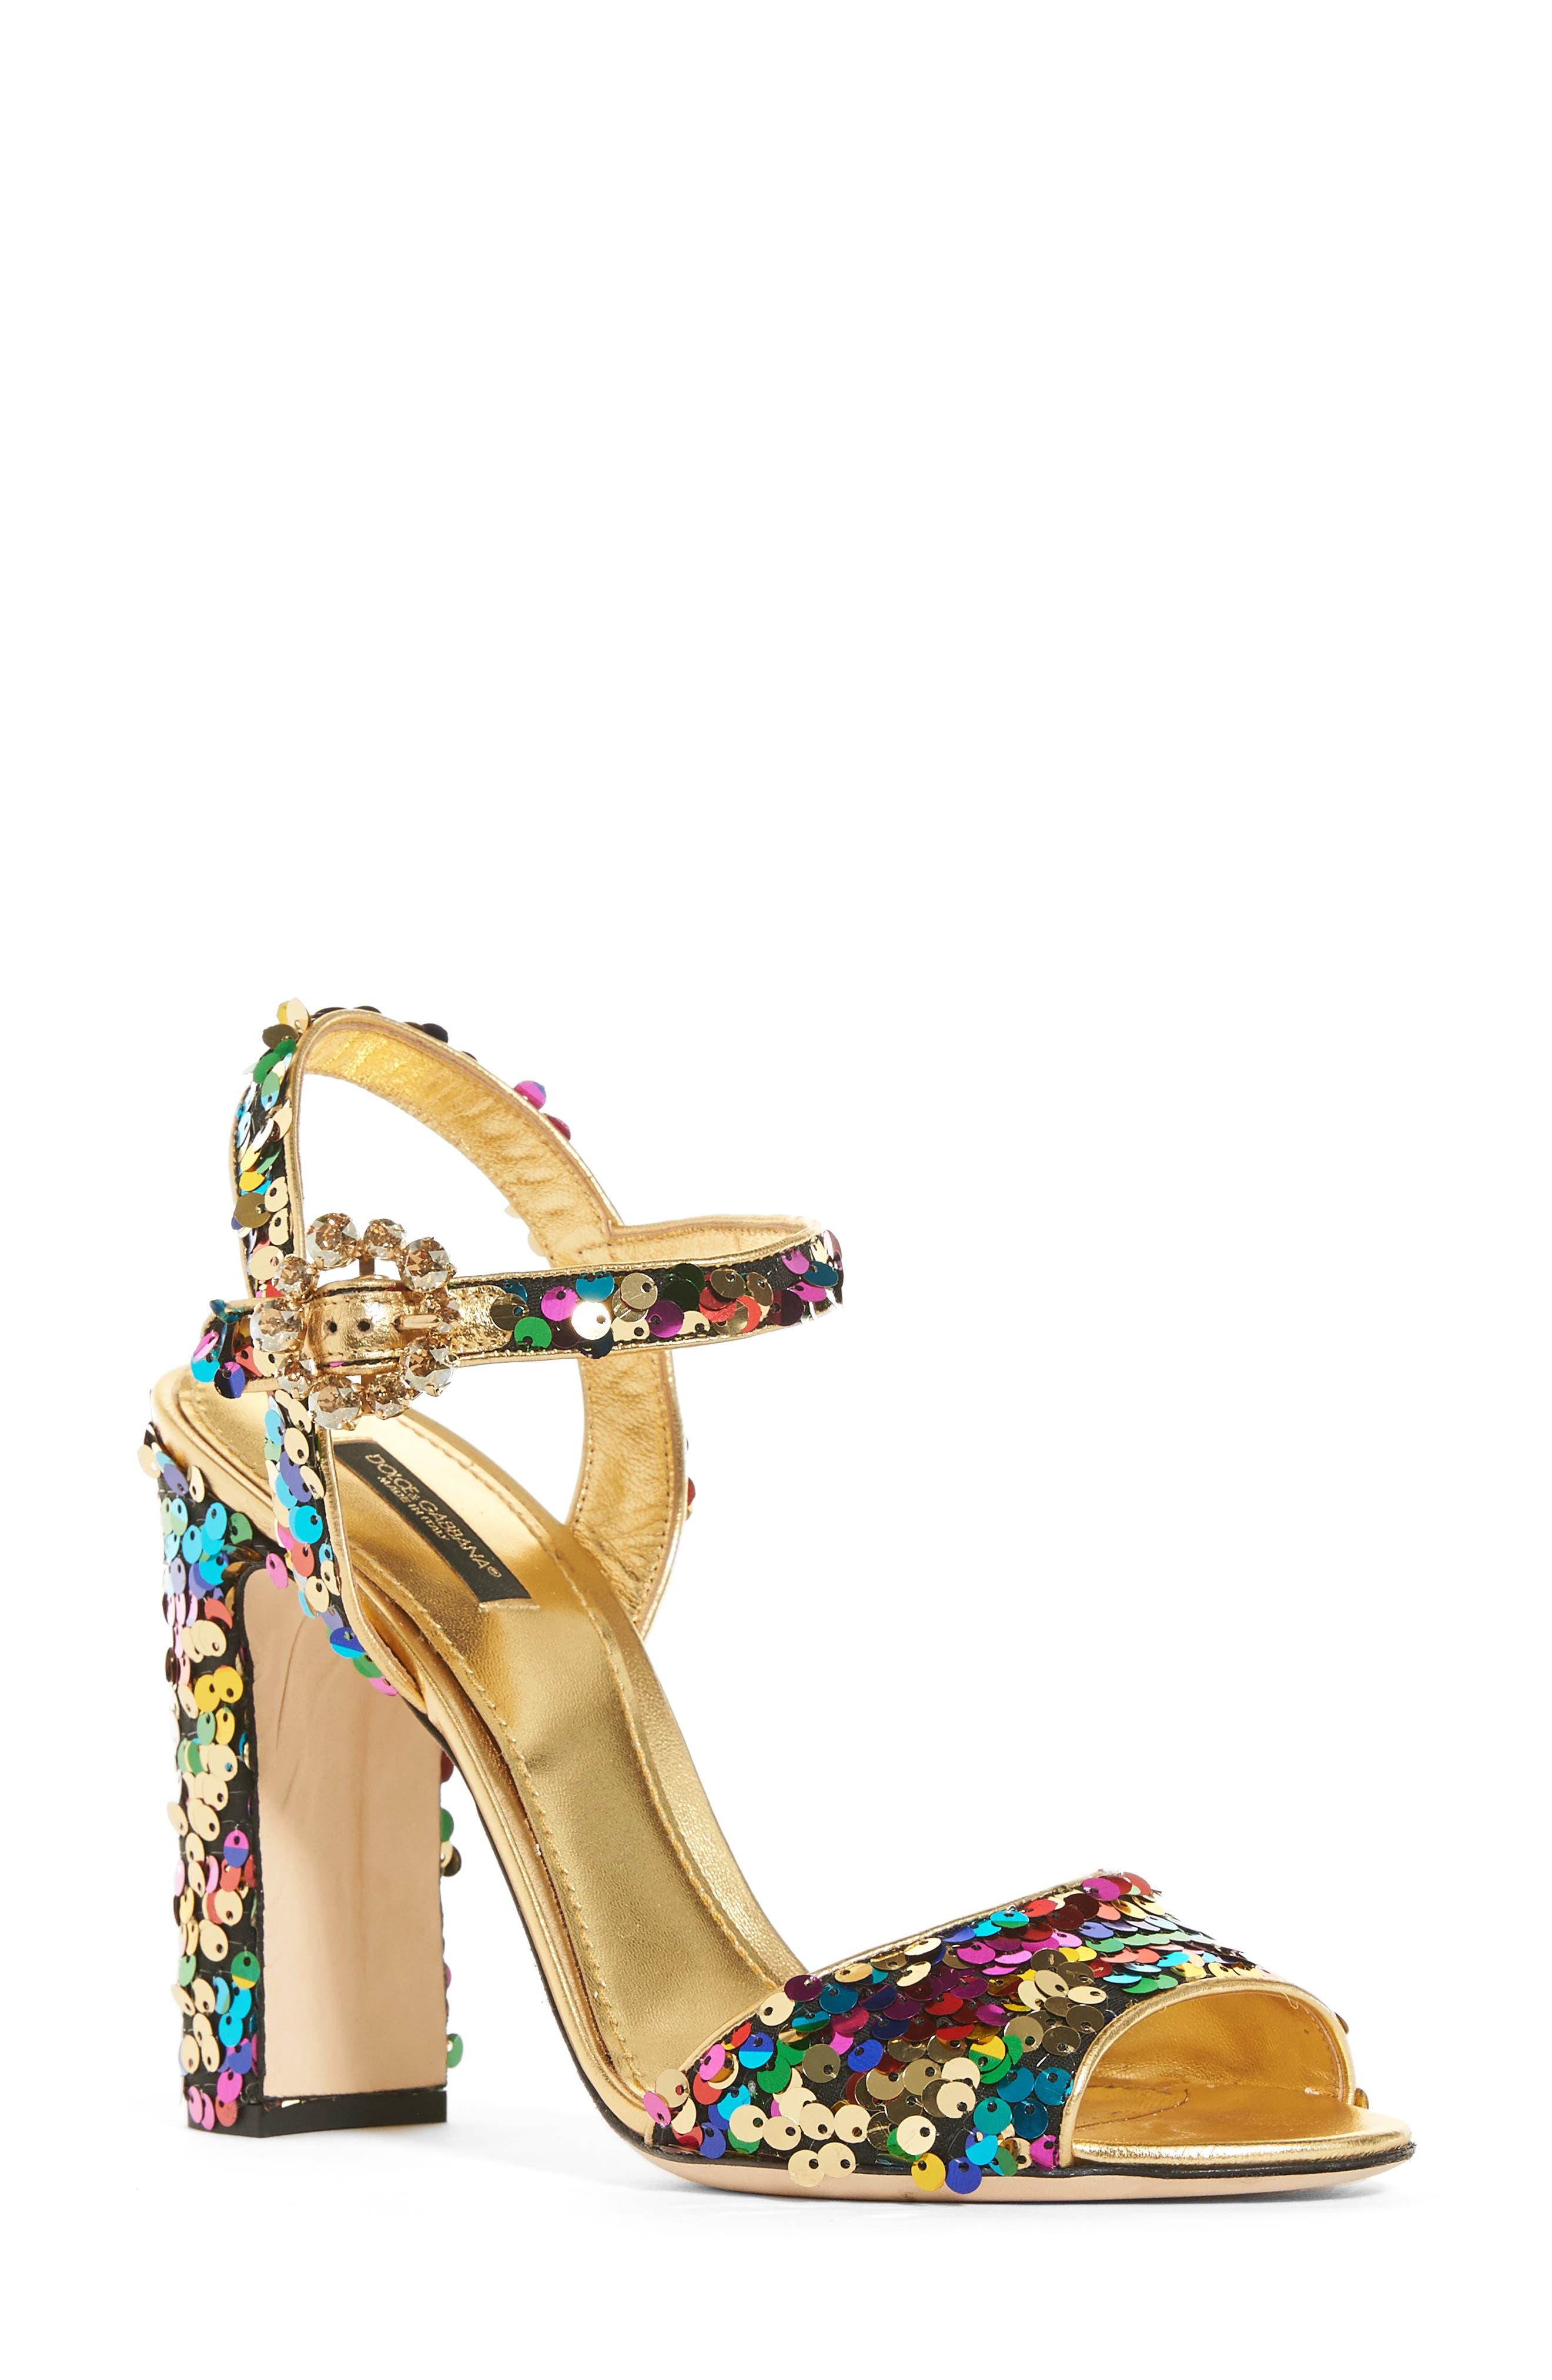 Alternate Image 1 Selected - Dolce&Gabbana Sequin Sandal (Women)